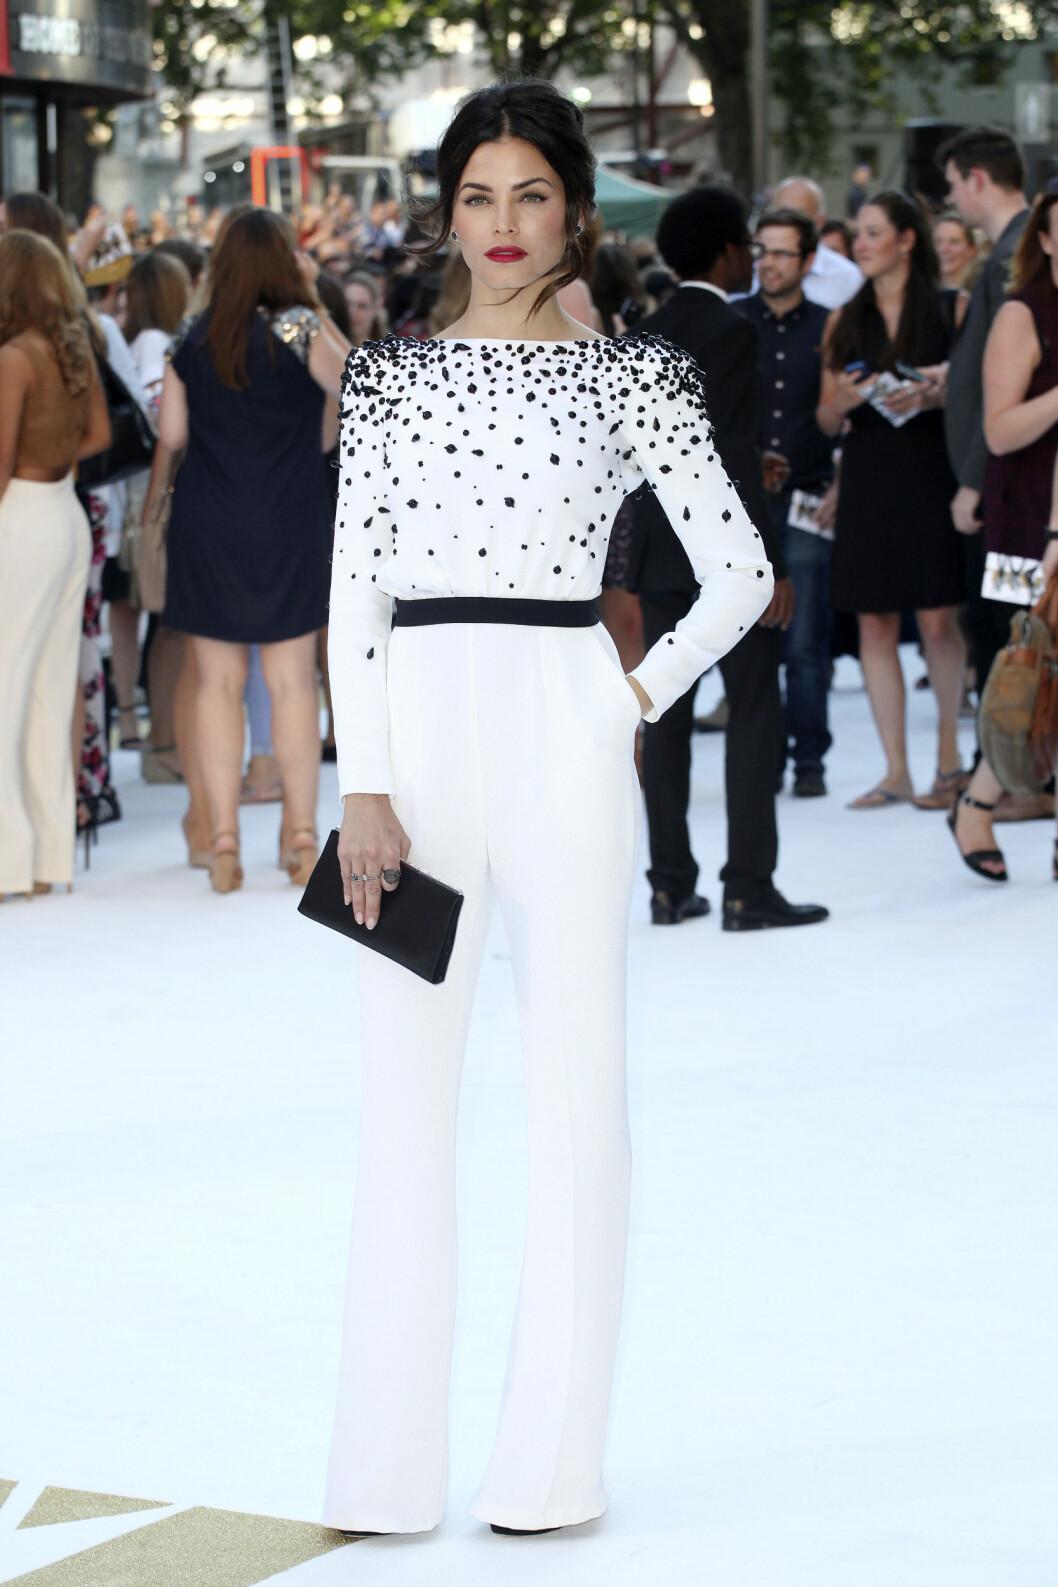 HVIT DRØM: Skuespiller Jenna Dewan Tatum, som er gift med Channing Tatum, er blitt en av Hollywoods mest stilsikre stjerner. Hun imponerte i en elegant, hvit buksedress med spennede, sorte detaljer.  Foto: wenn.com